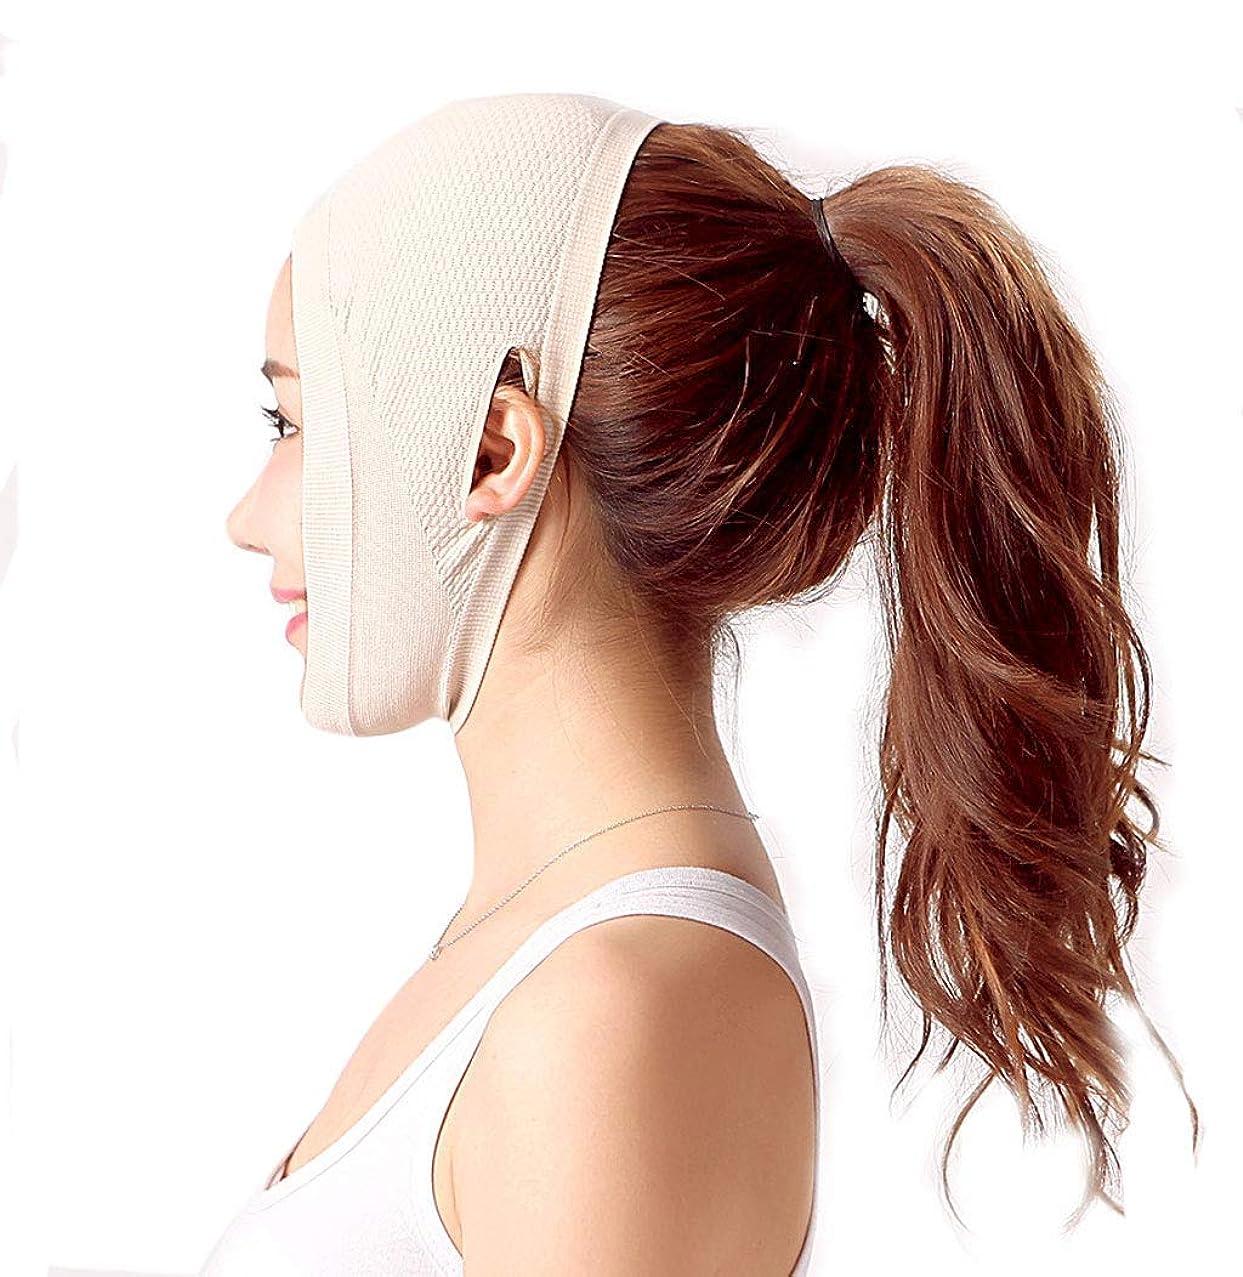 インフルエンザばかげたホール整形外科手術後の回復ヘッドギア医療マスク睡眠Vフェイスリフティング包帯薄いフェイスマスク(サイズ:肌の色(A)),肌の色調(A)